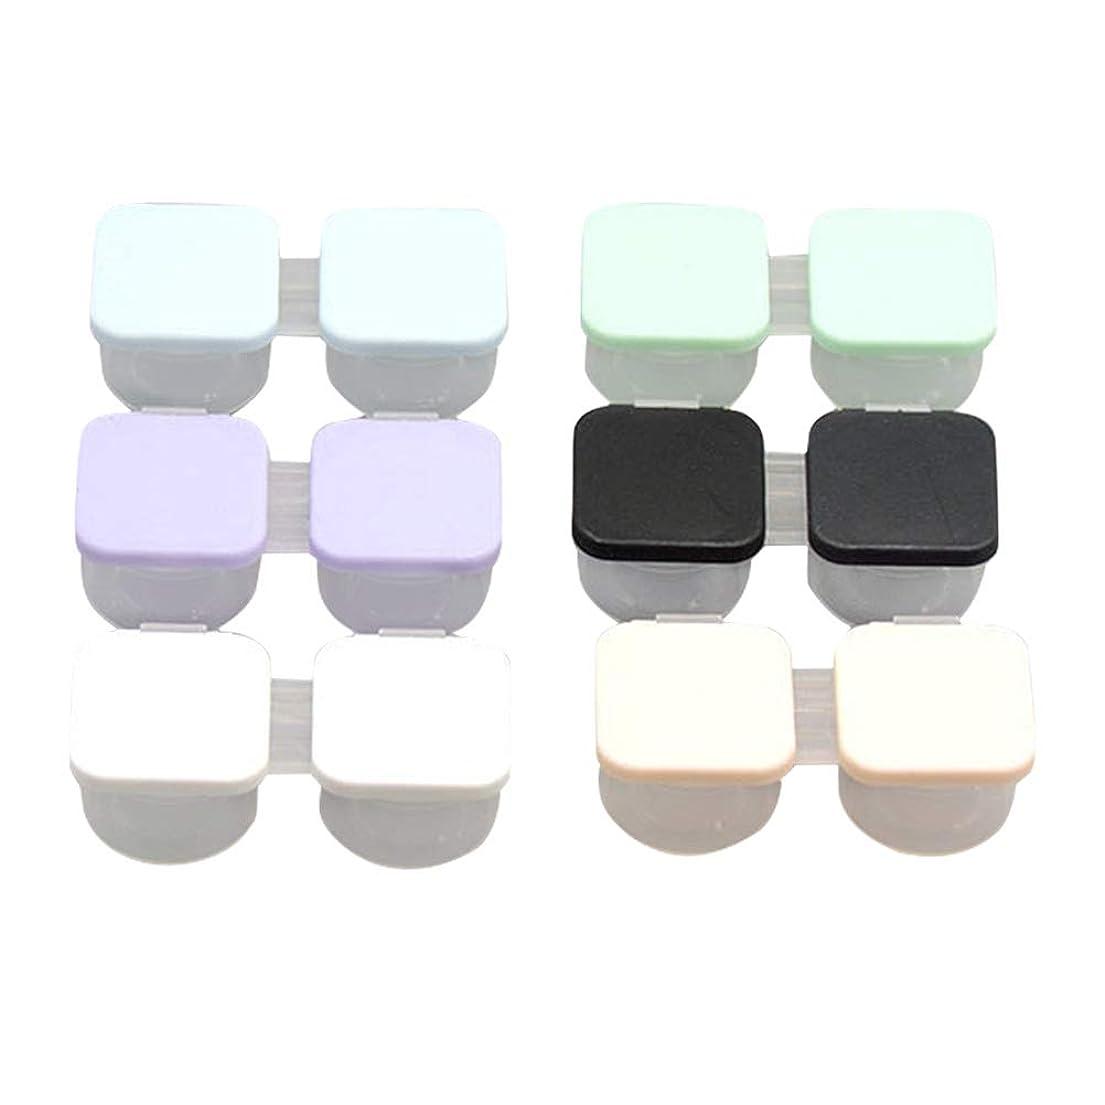 もっともらしいオークランドノベルティSUPVOX コンタクトケース ケアパレット 保存ケース プラスチック製 軽量 安全6個入(混色)